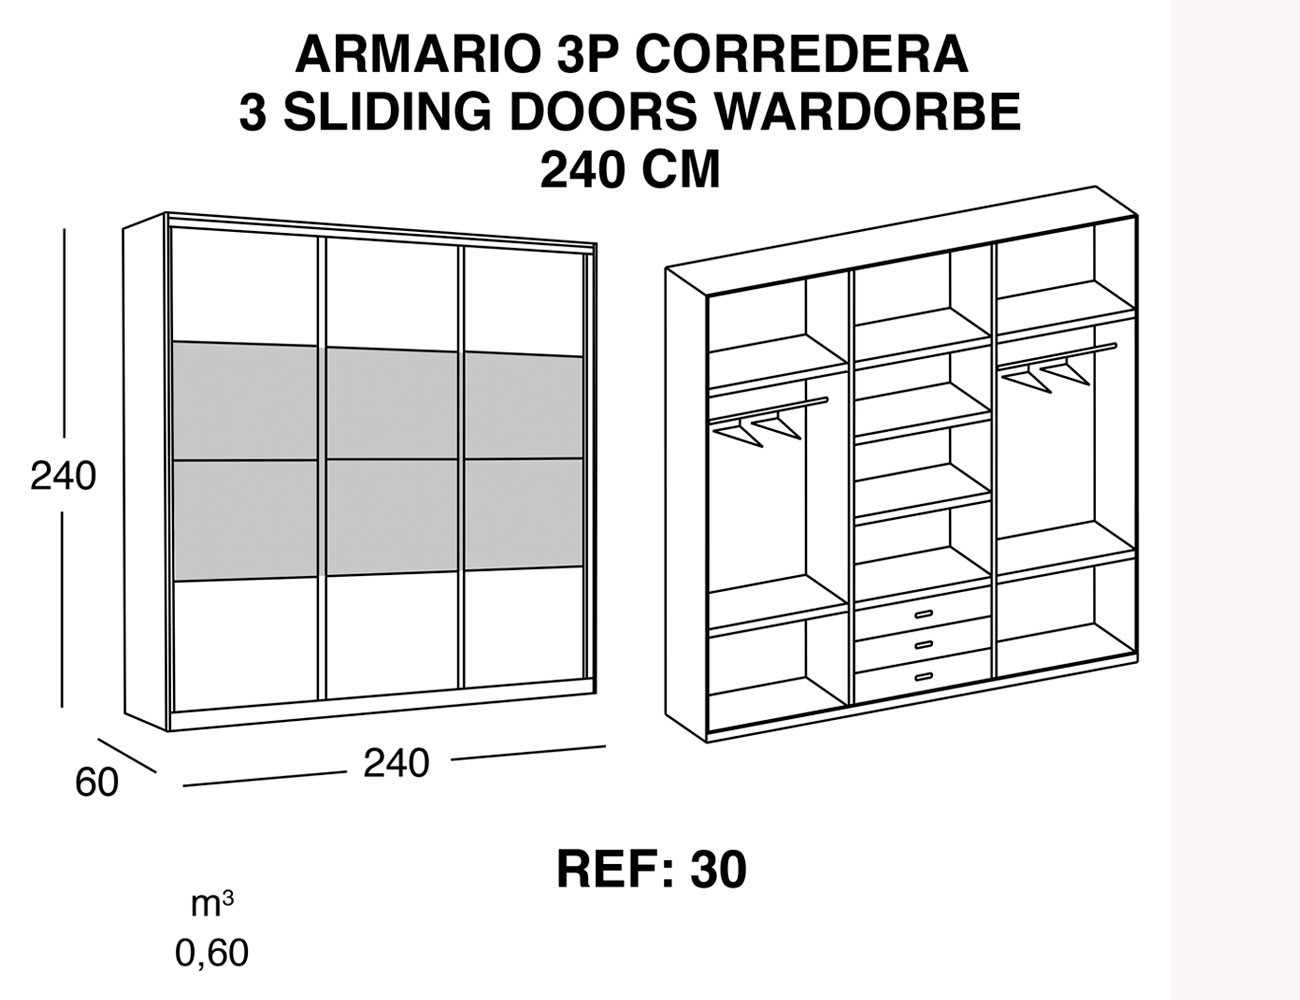 Armario de 3 puertas correderas de 240 cm 21380 for Armario puertas correderas 100 cm